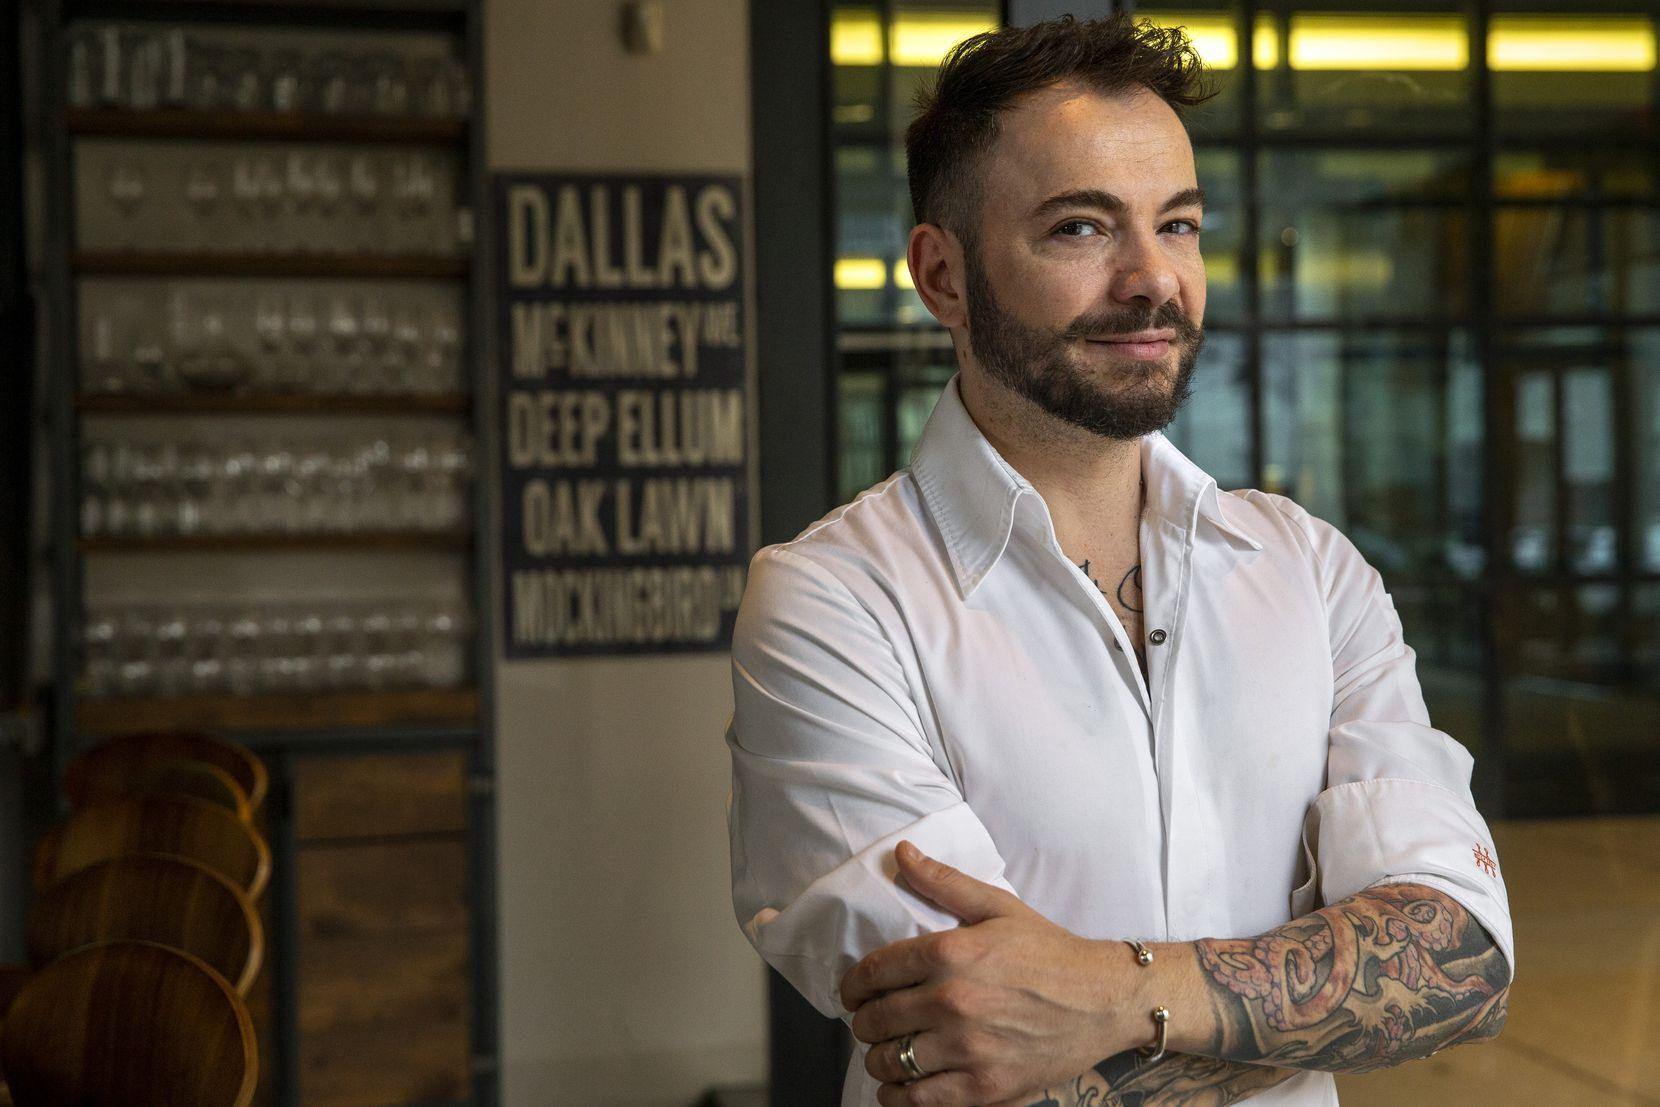 Chef Giuliano Matarese poses for a portrait at Mille Lire restaurant in Dallas